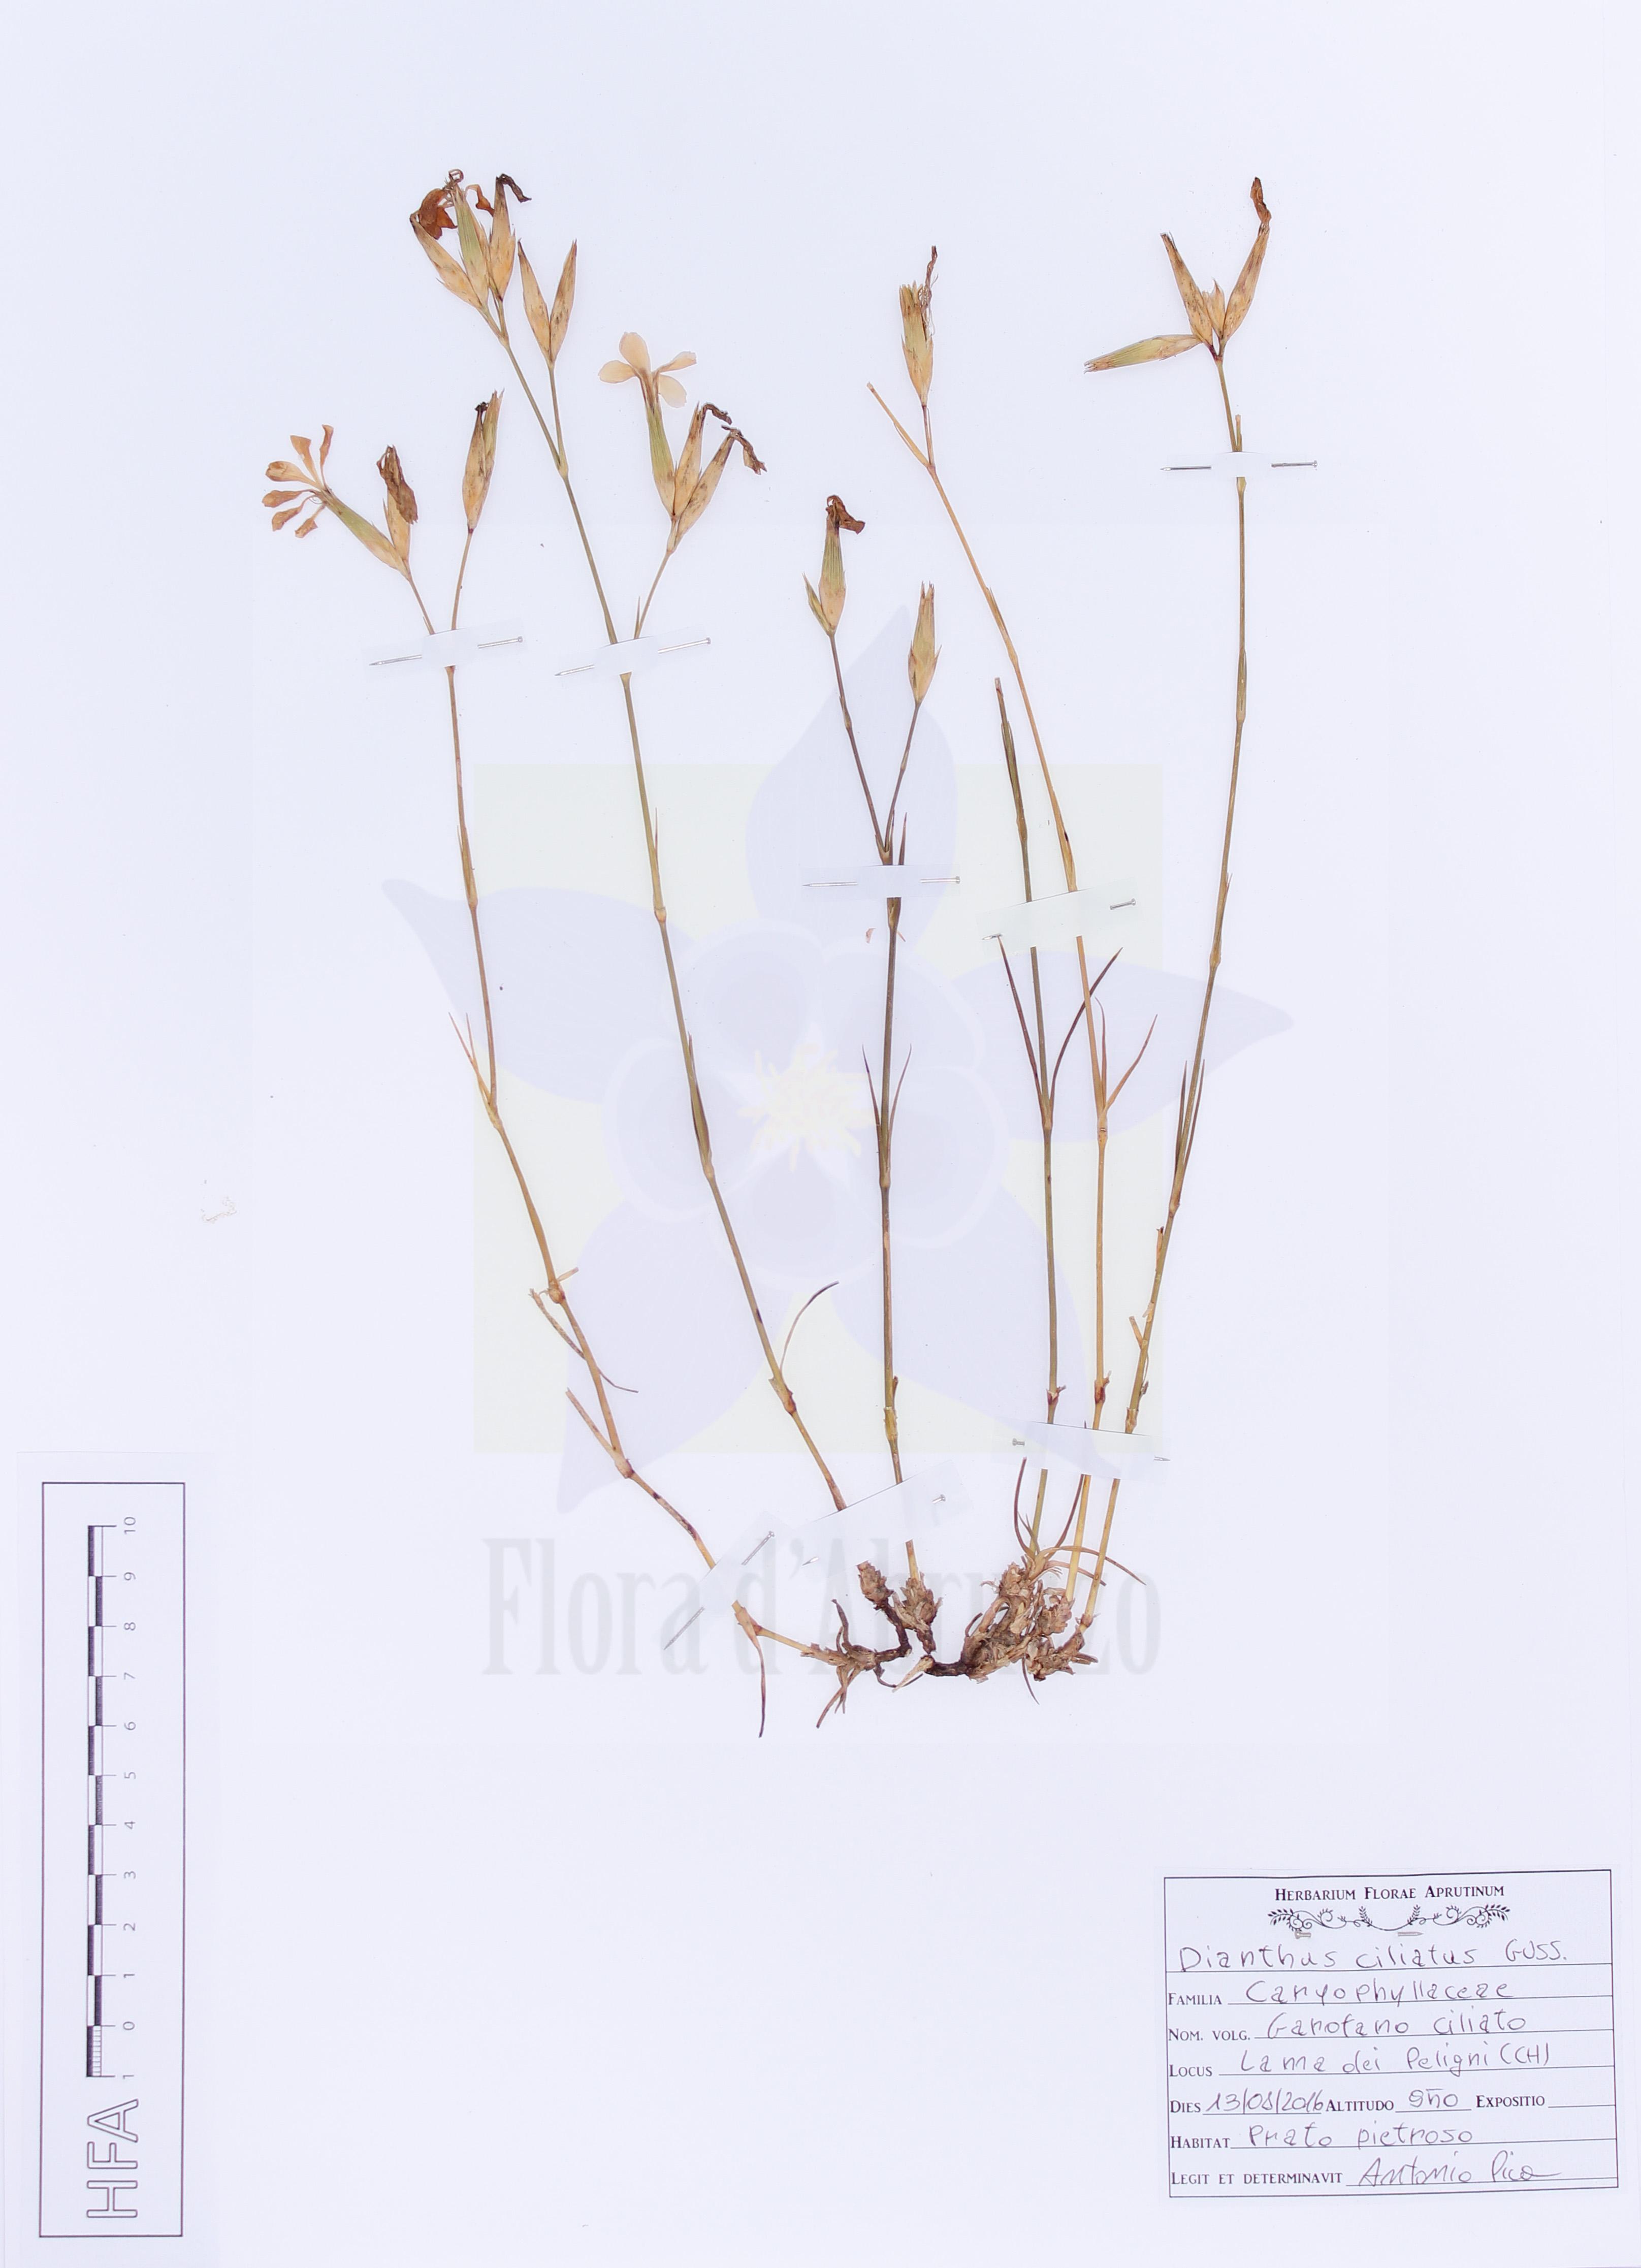 Dianthus ciliatus Guss.